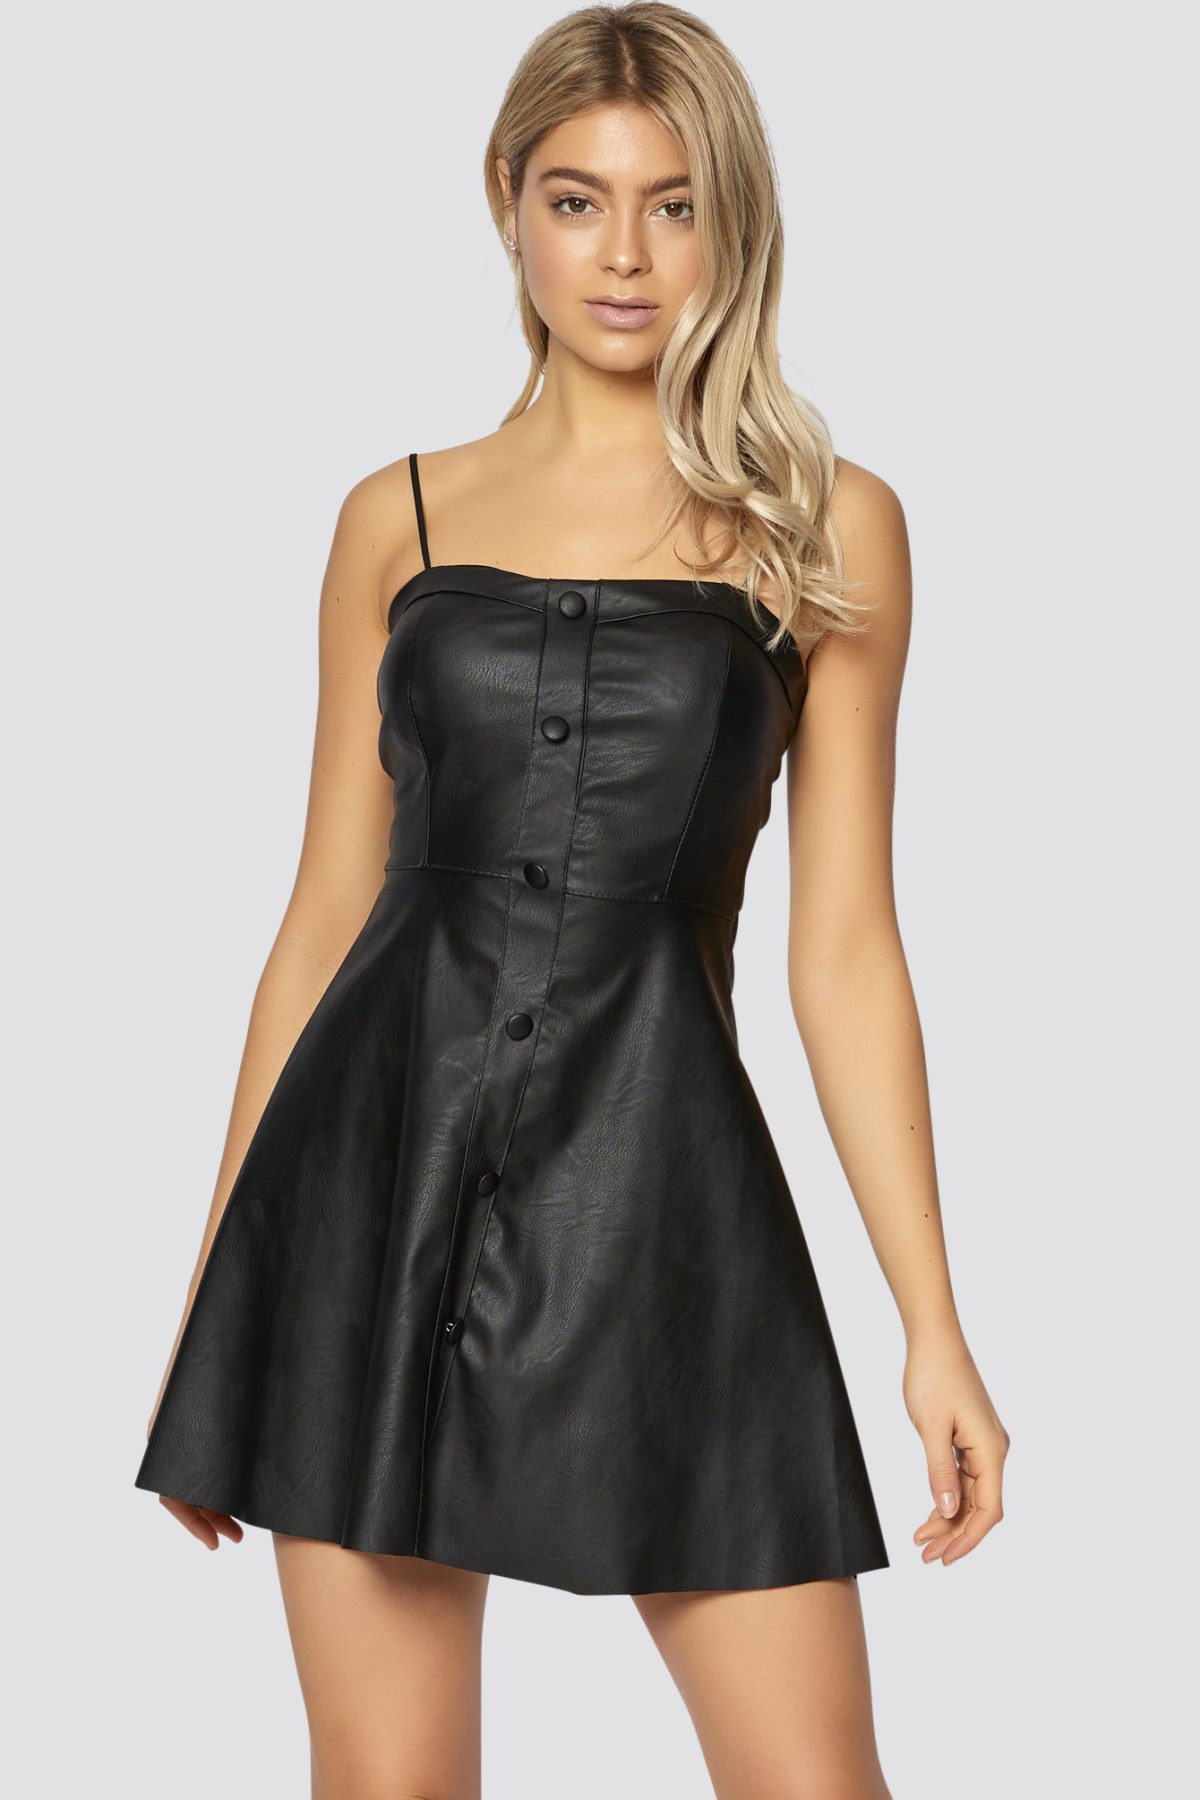 Kunstlederkleid Mit Bindegurt In Schwarz  Damen Kleider